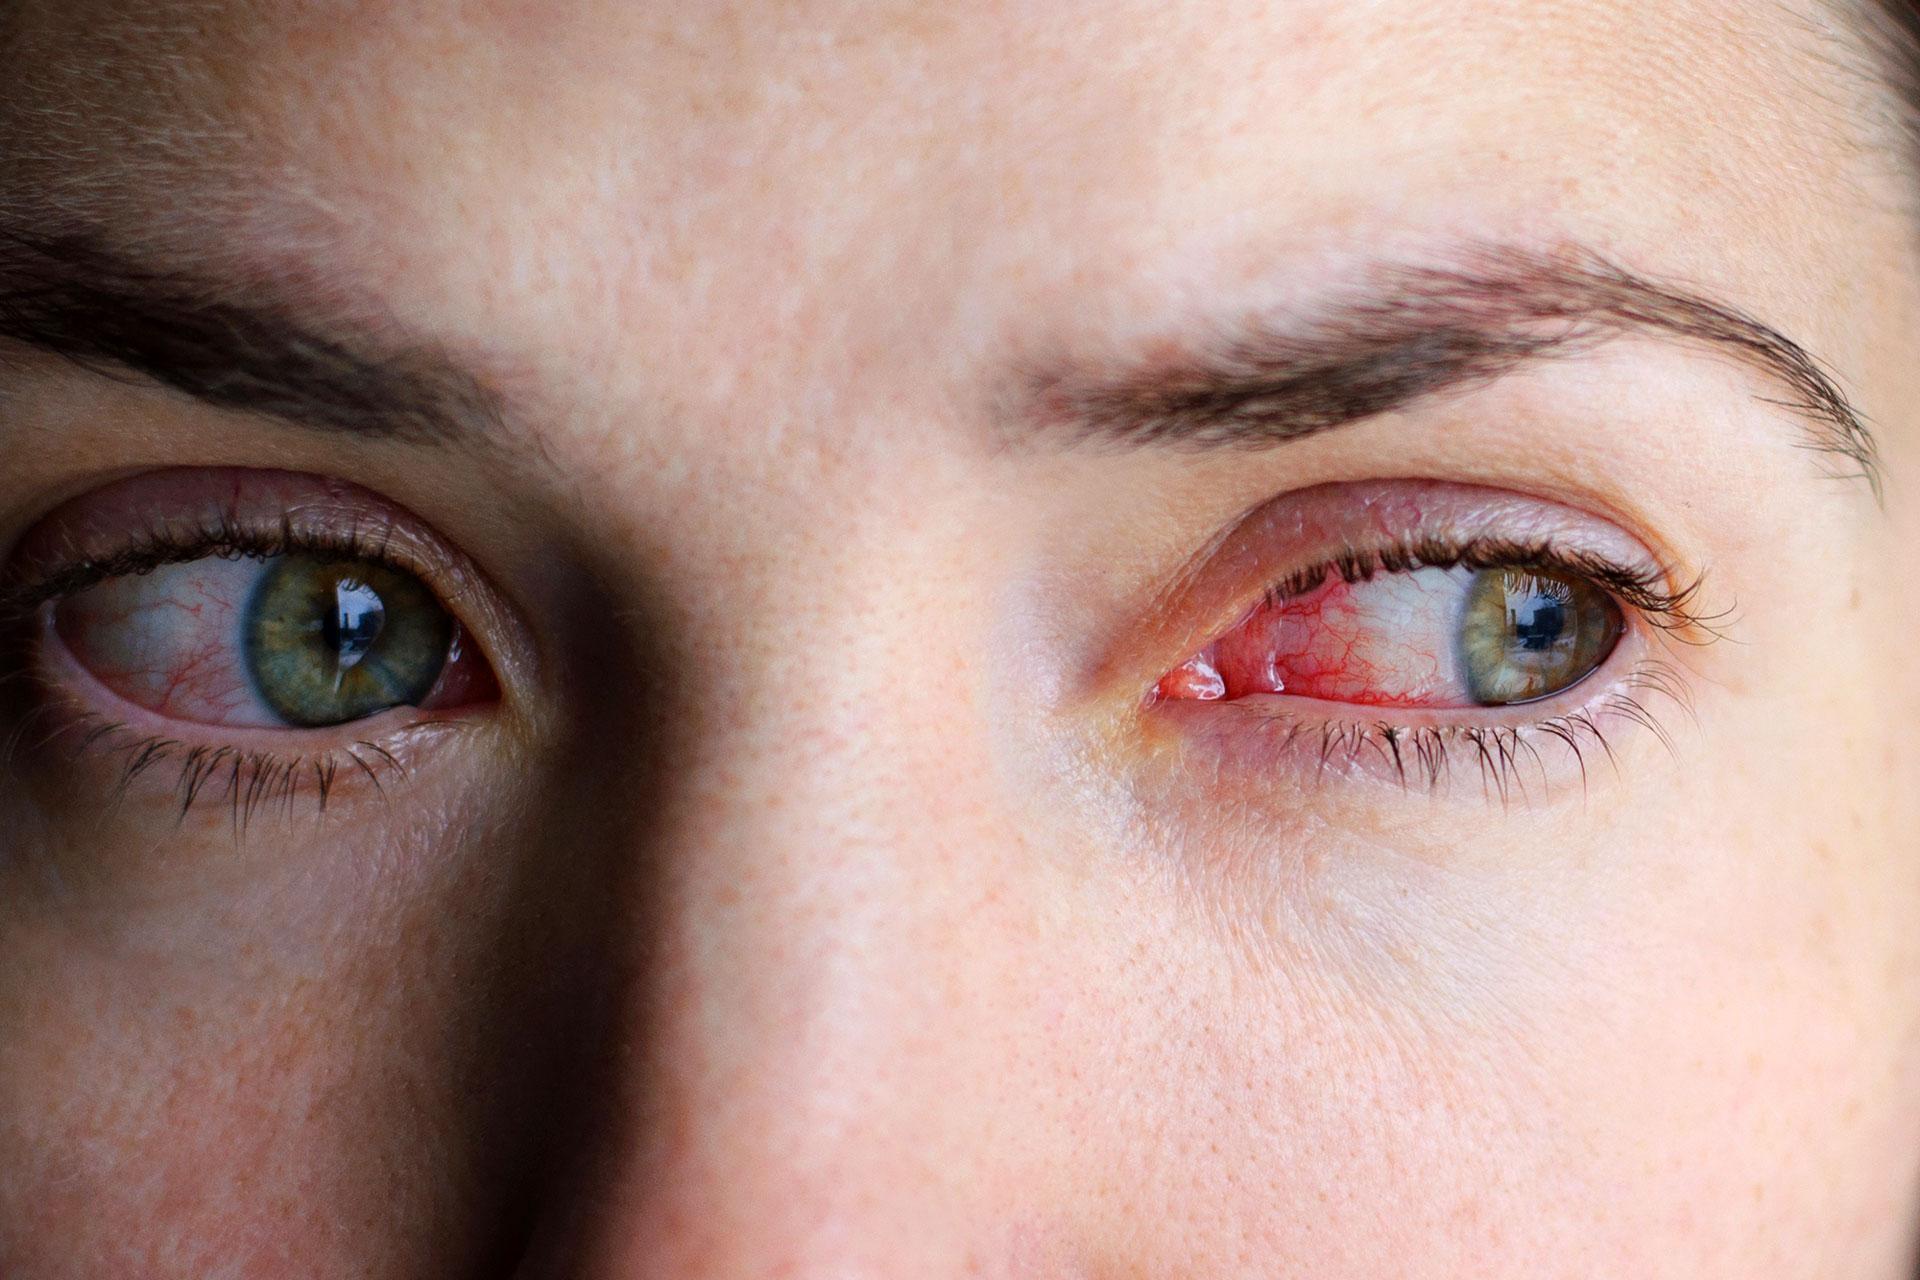 Yeux gonflés, cernés ; rougeur et sensation de brûlure oculaires